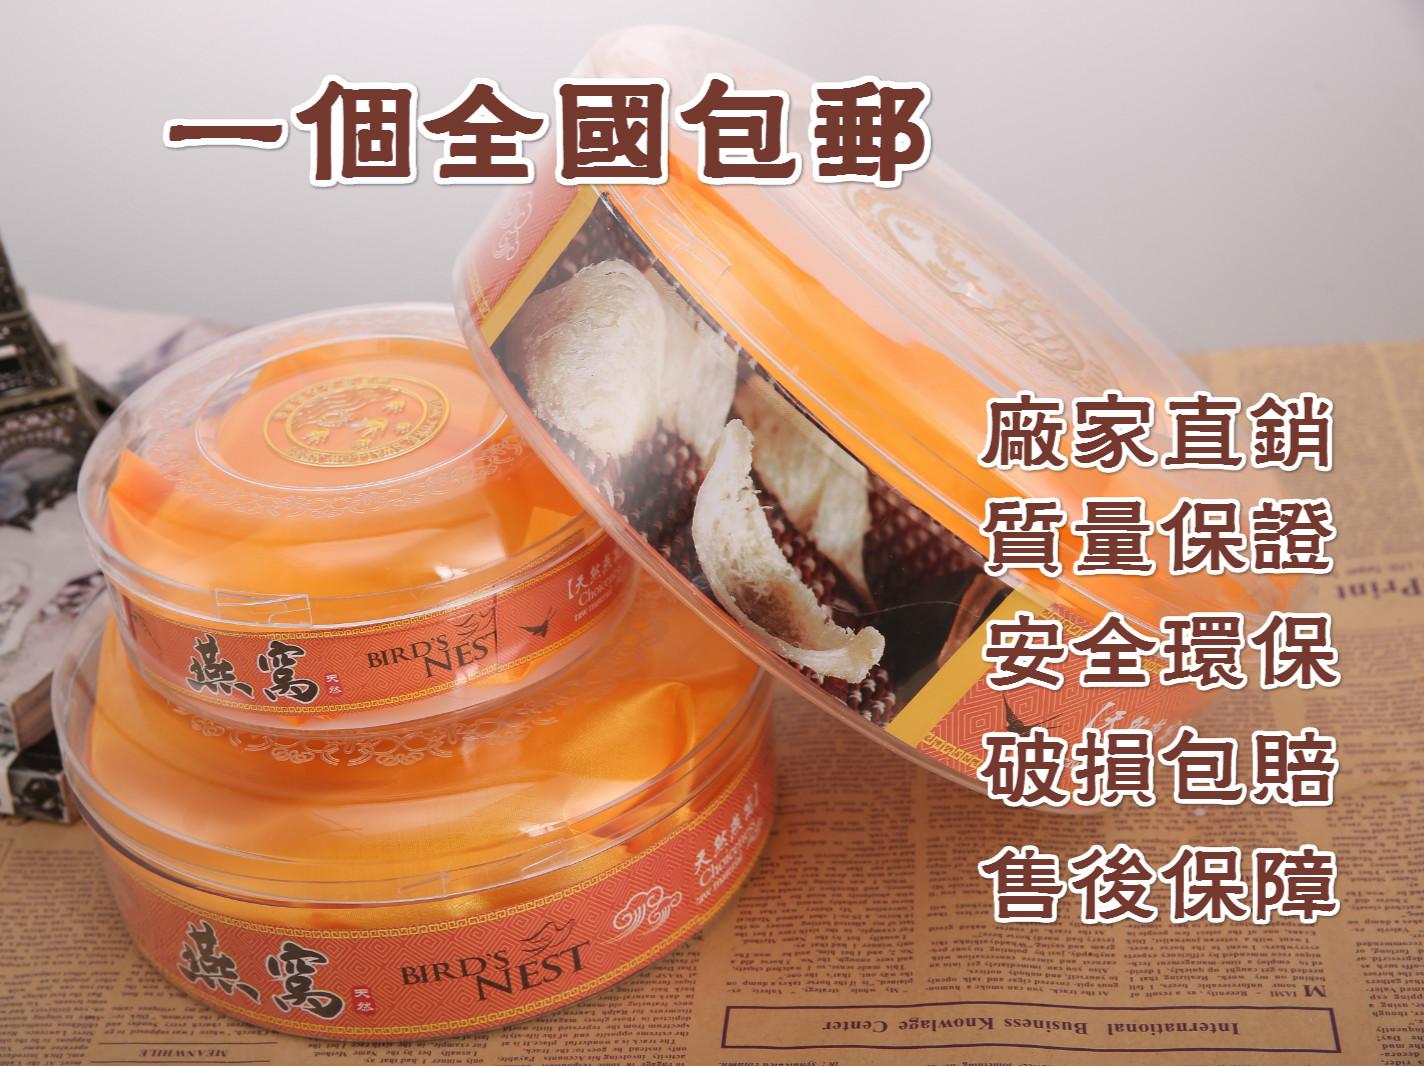 Доставка по всей стране включена глотать гнездо подарок пластик пакет в коробка глотать гнездо коробка высококачественный прозрачный коробку упаковка коробка